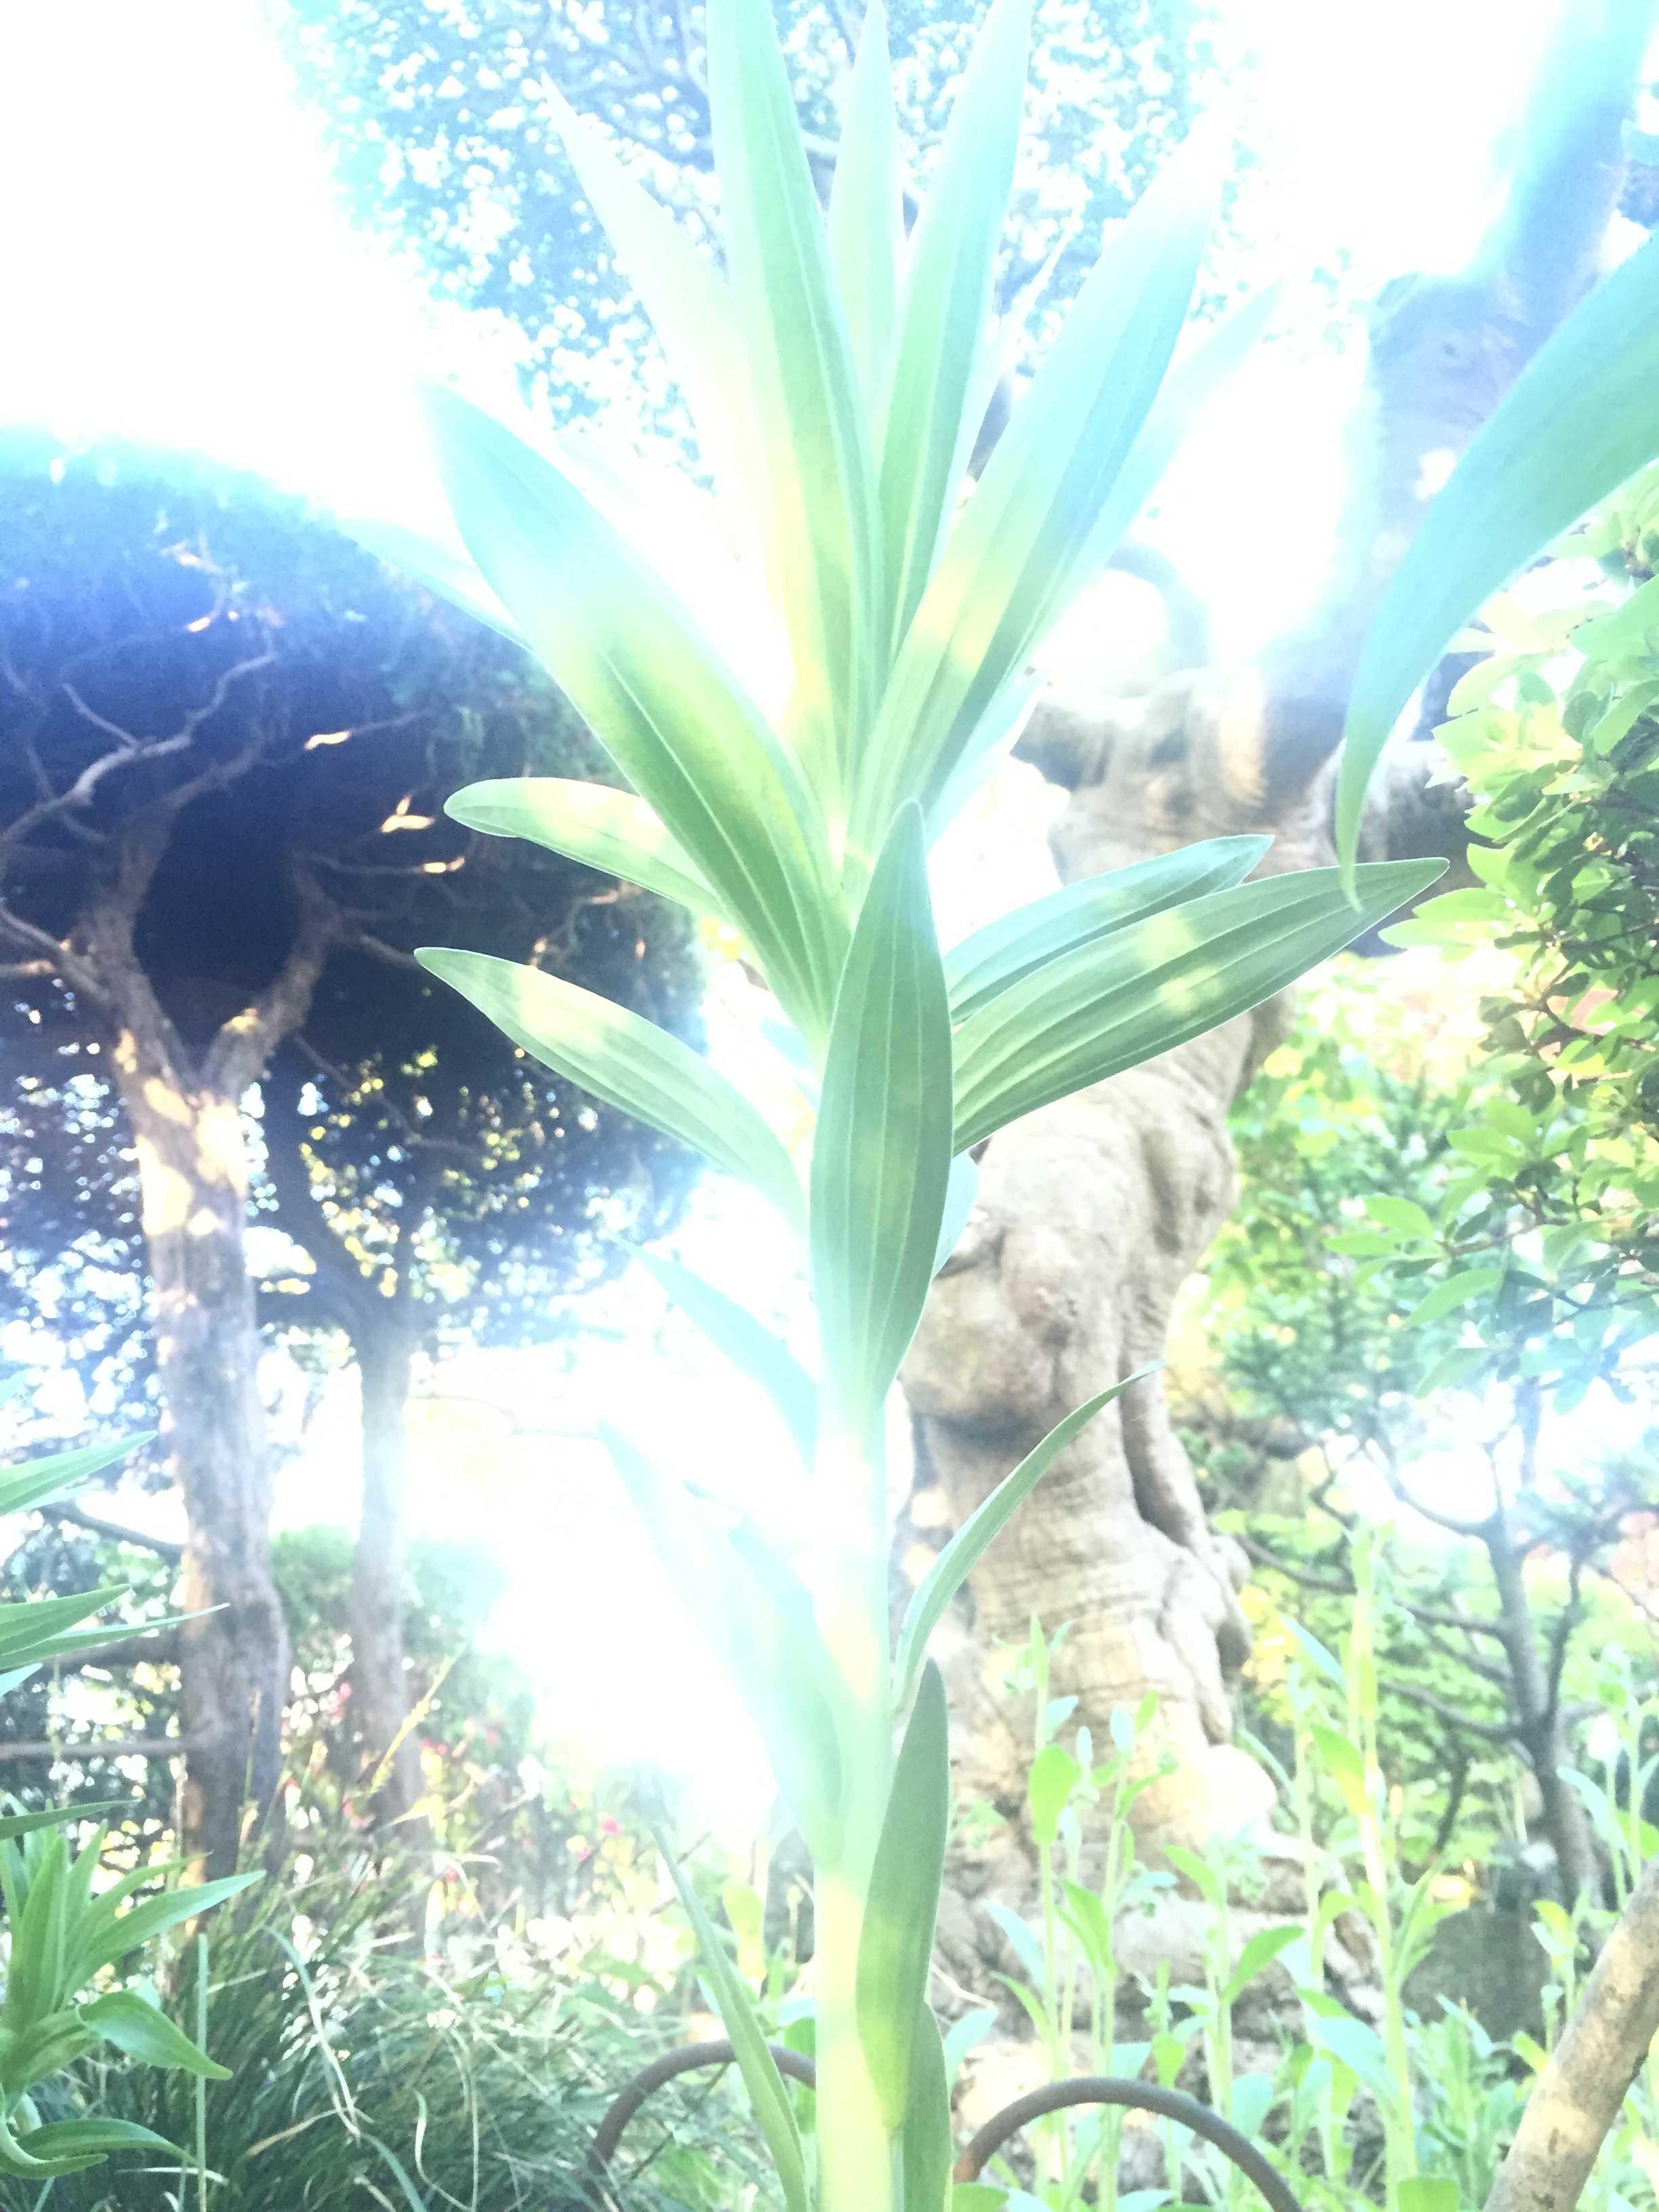 ヤマユリの茎葉(ヤマユリの生長)